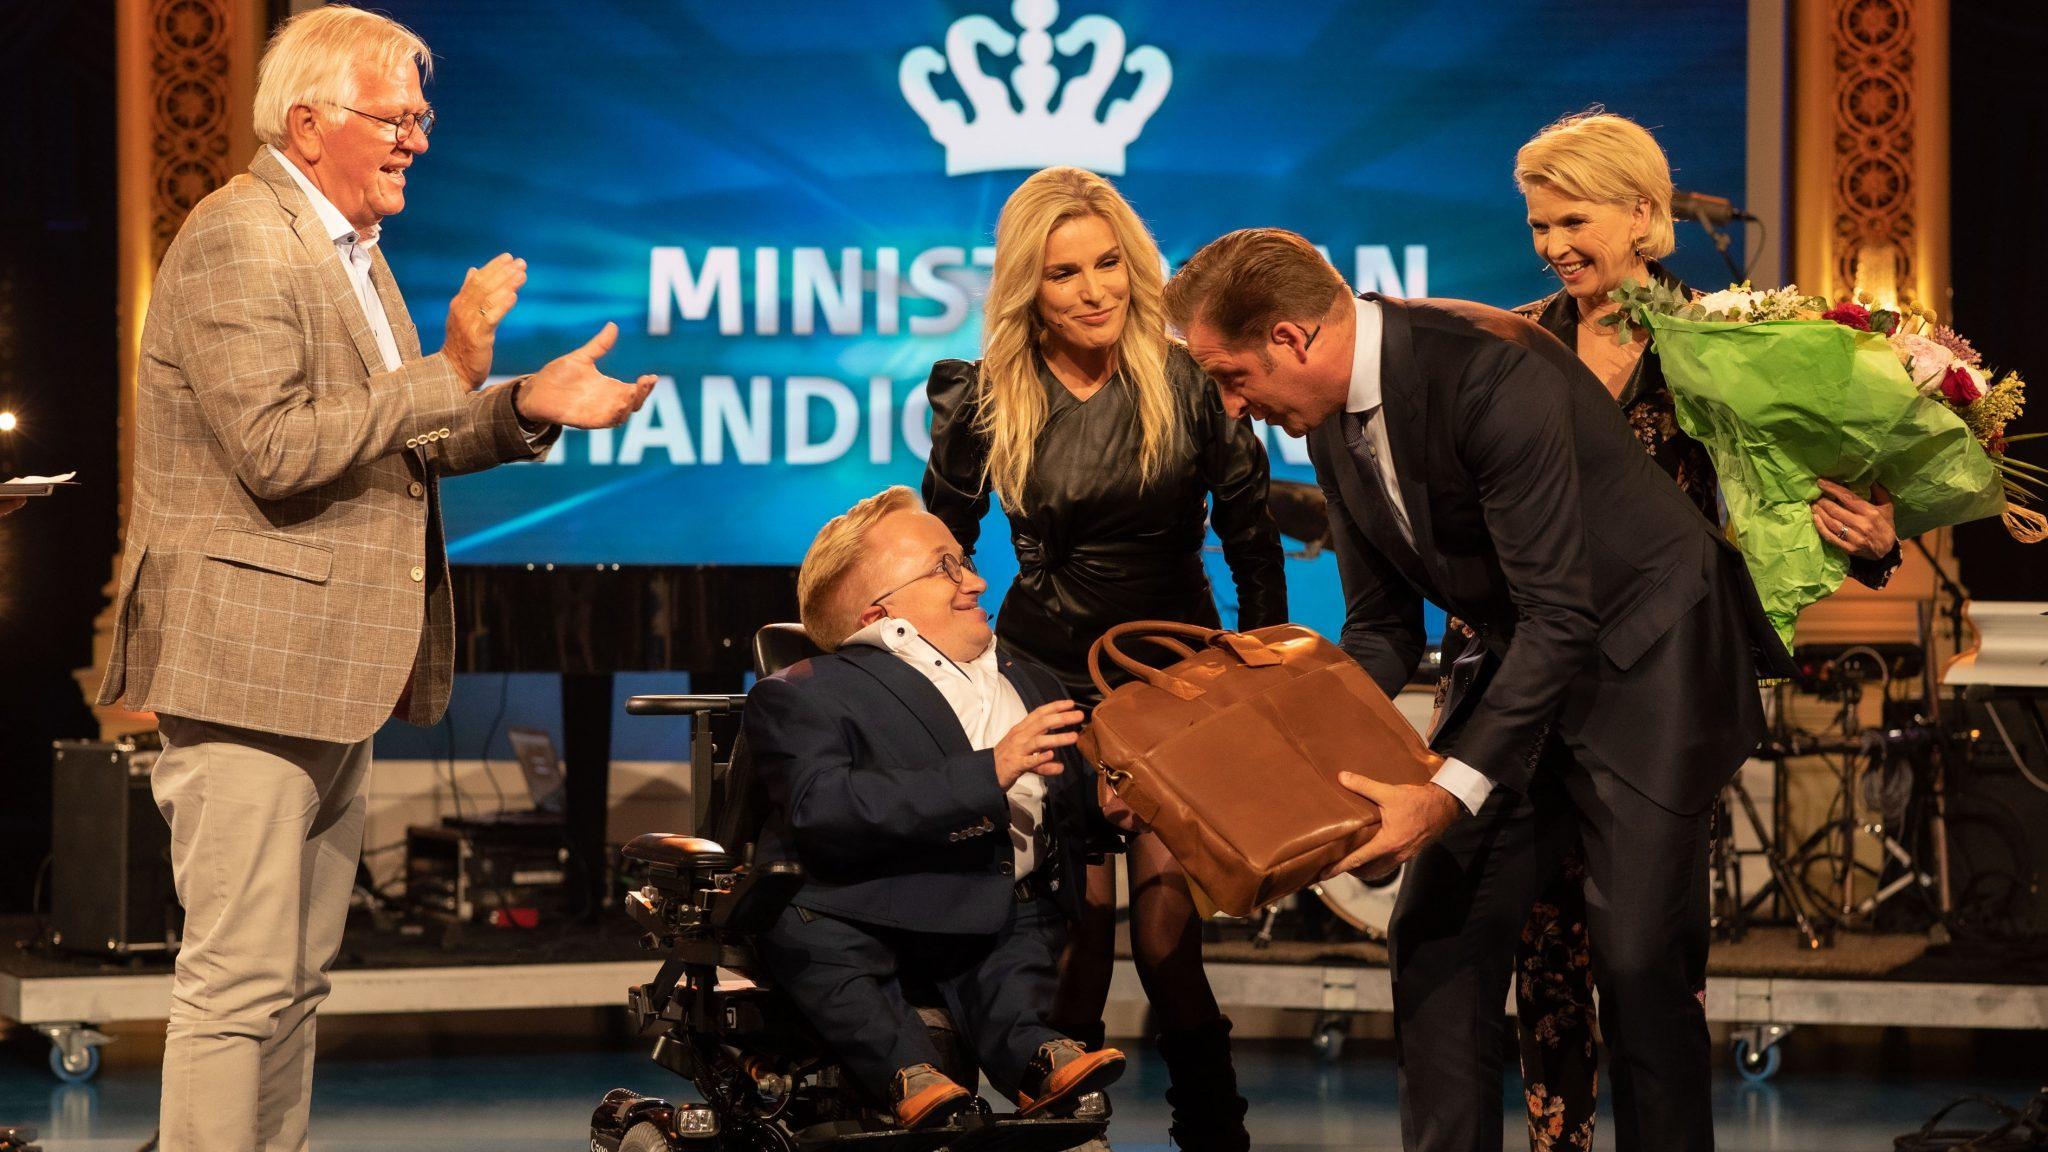 Rick is de nieuwe minister van gehandicaptenzaken en neemt zijn prijs in ontvangst.